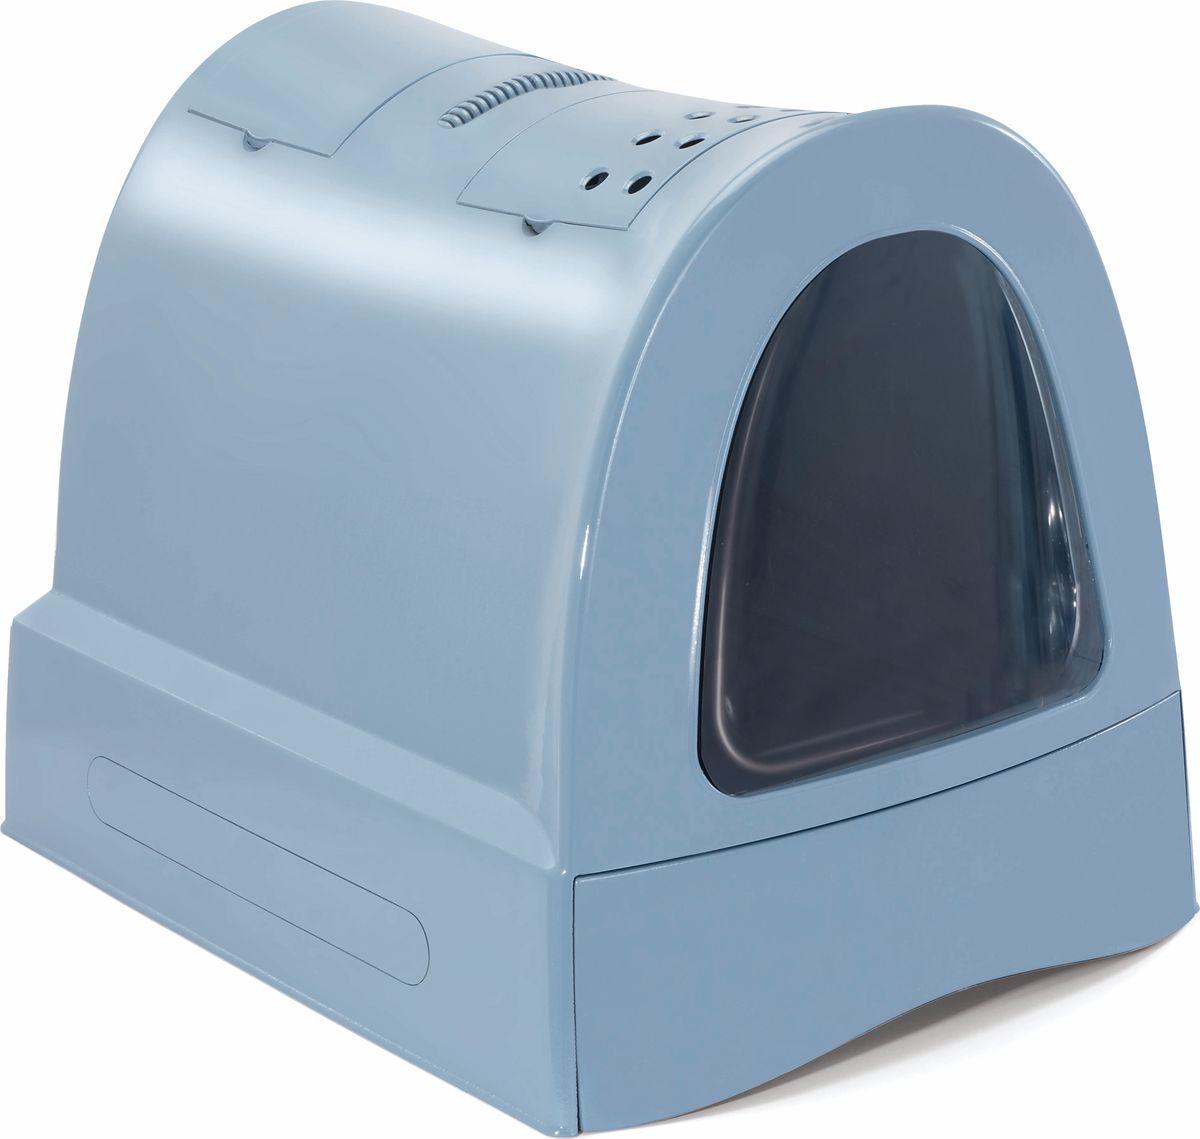 Туалет для кошек Imac Zuma , закрытый, цвет: пепельно-синий, 40 х 56 х 42,5 см - Наполнители и туалетные принадлежности